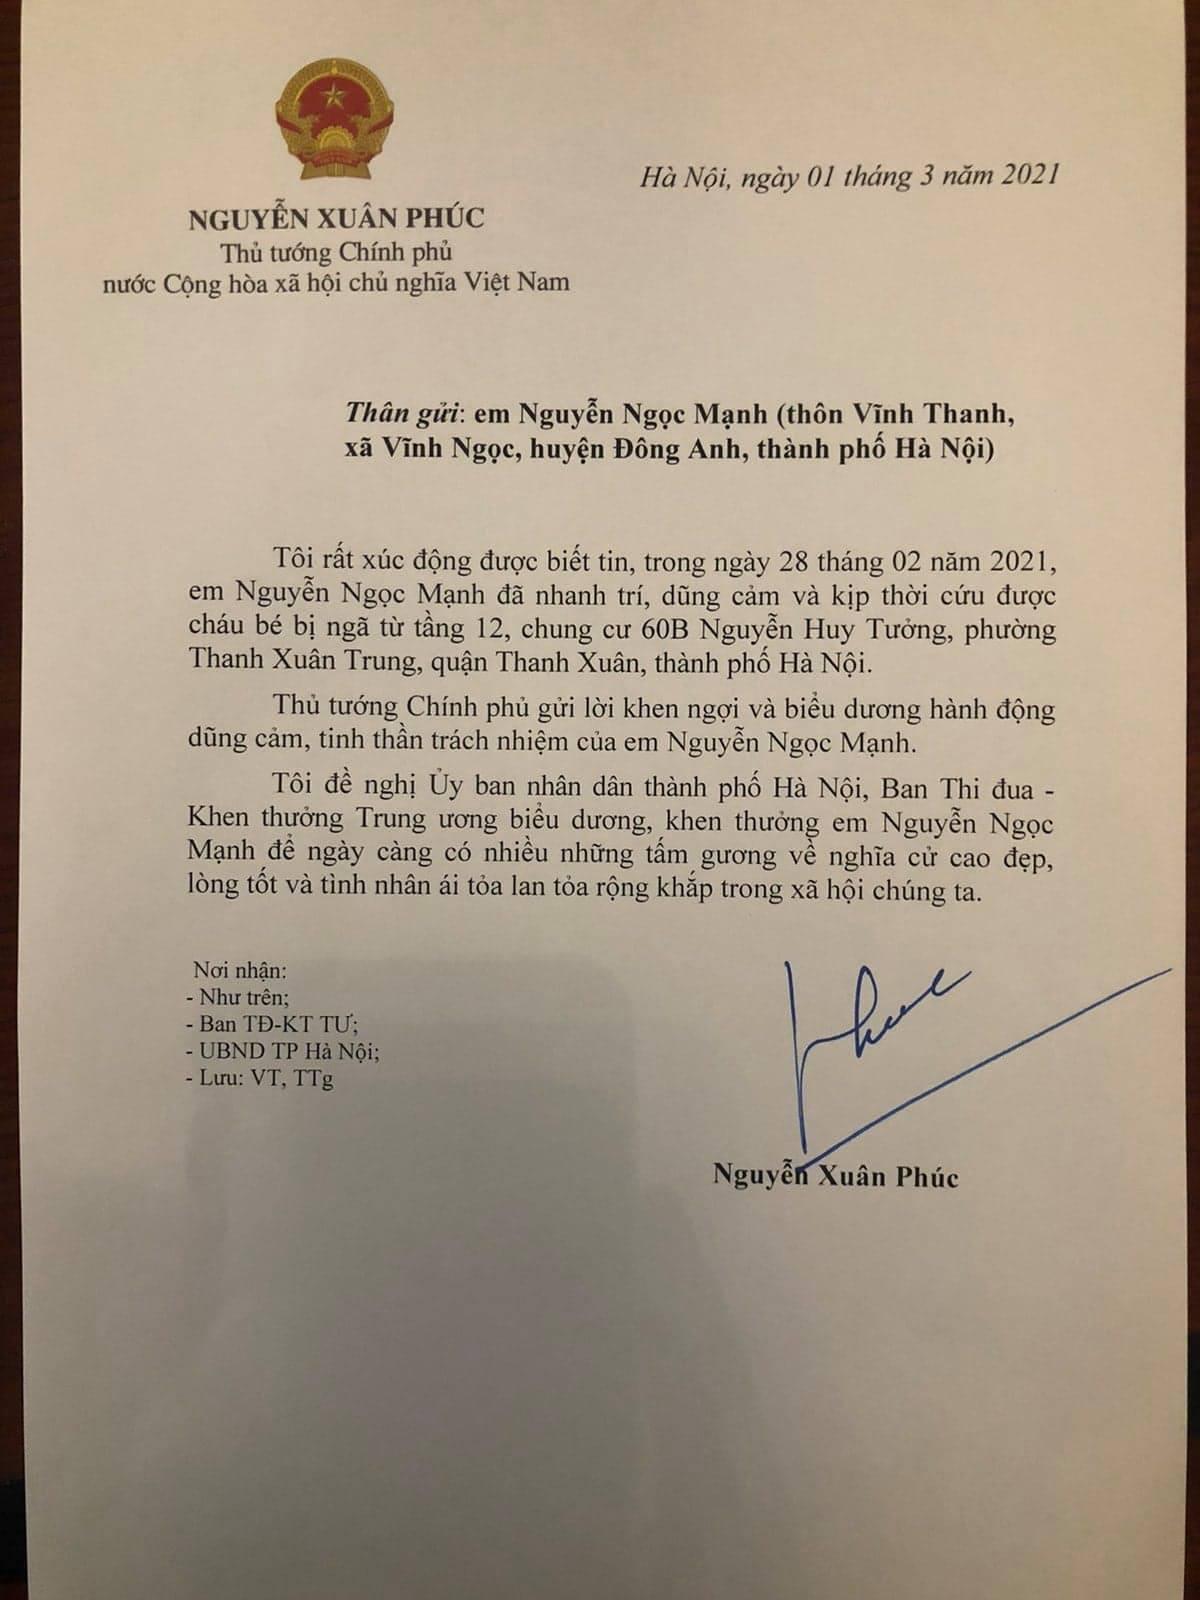 Thủ tướng xúc động trước sự nhanh trí, dũng cảm của anh Nguyễn Ngọc Mạnh